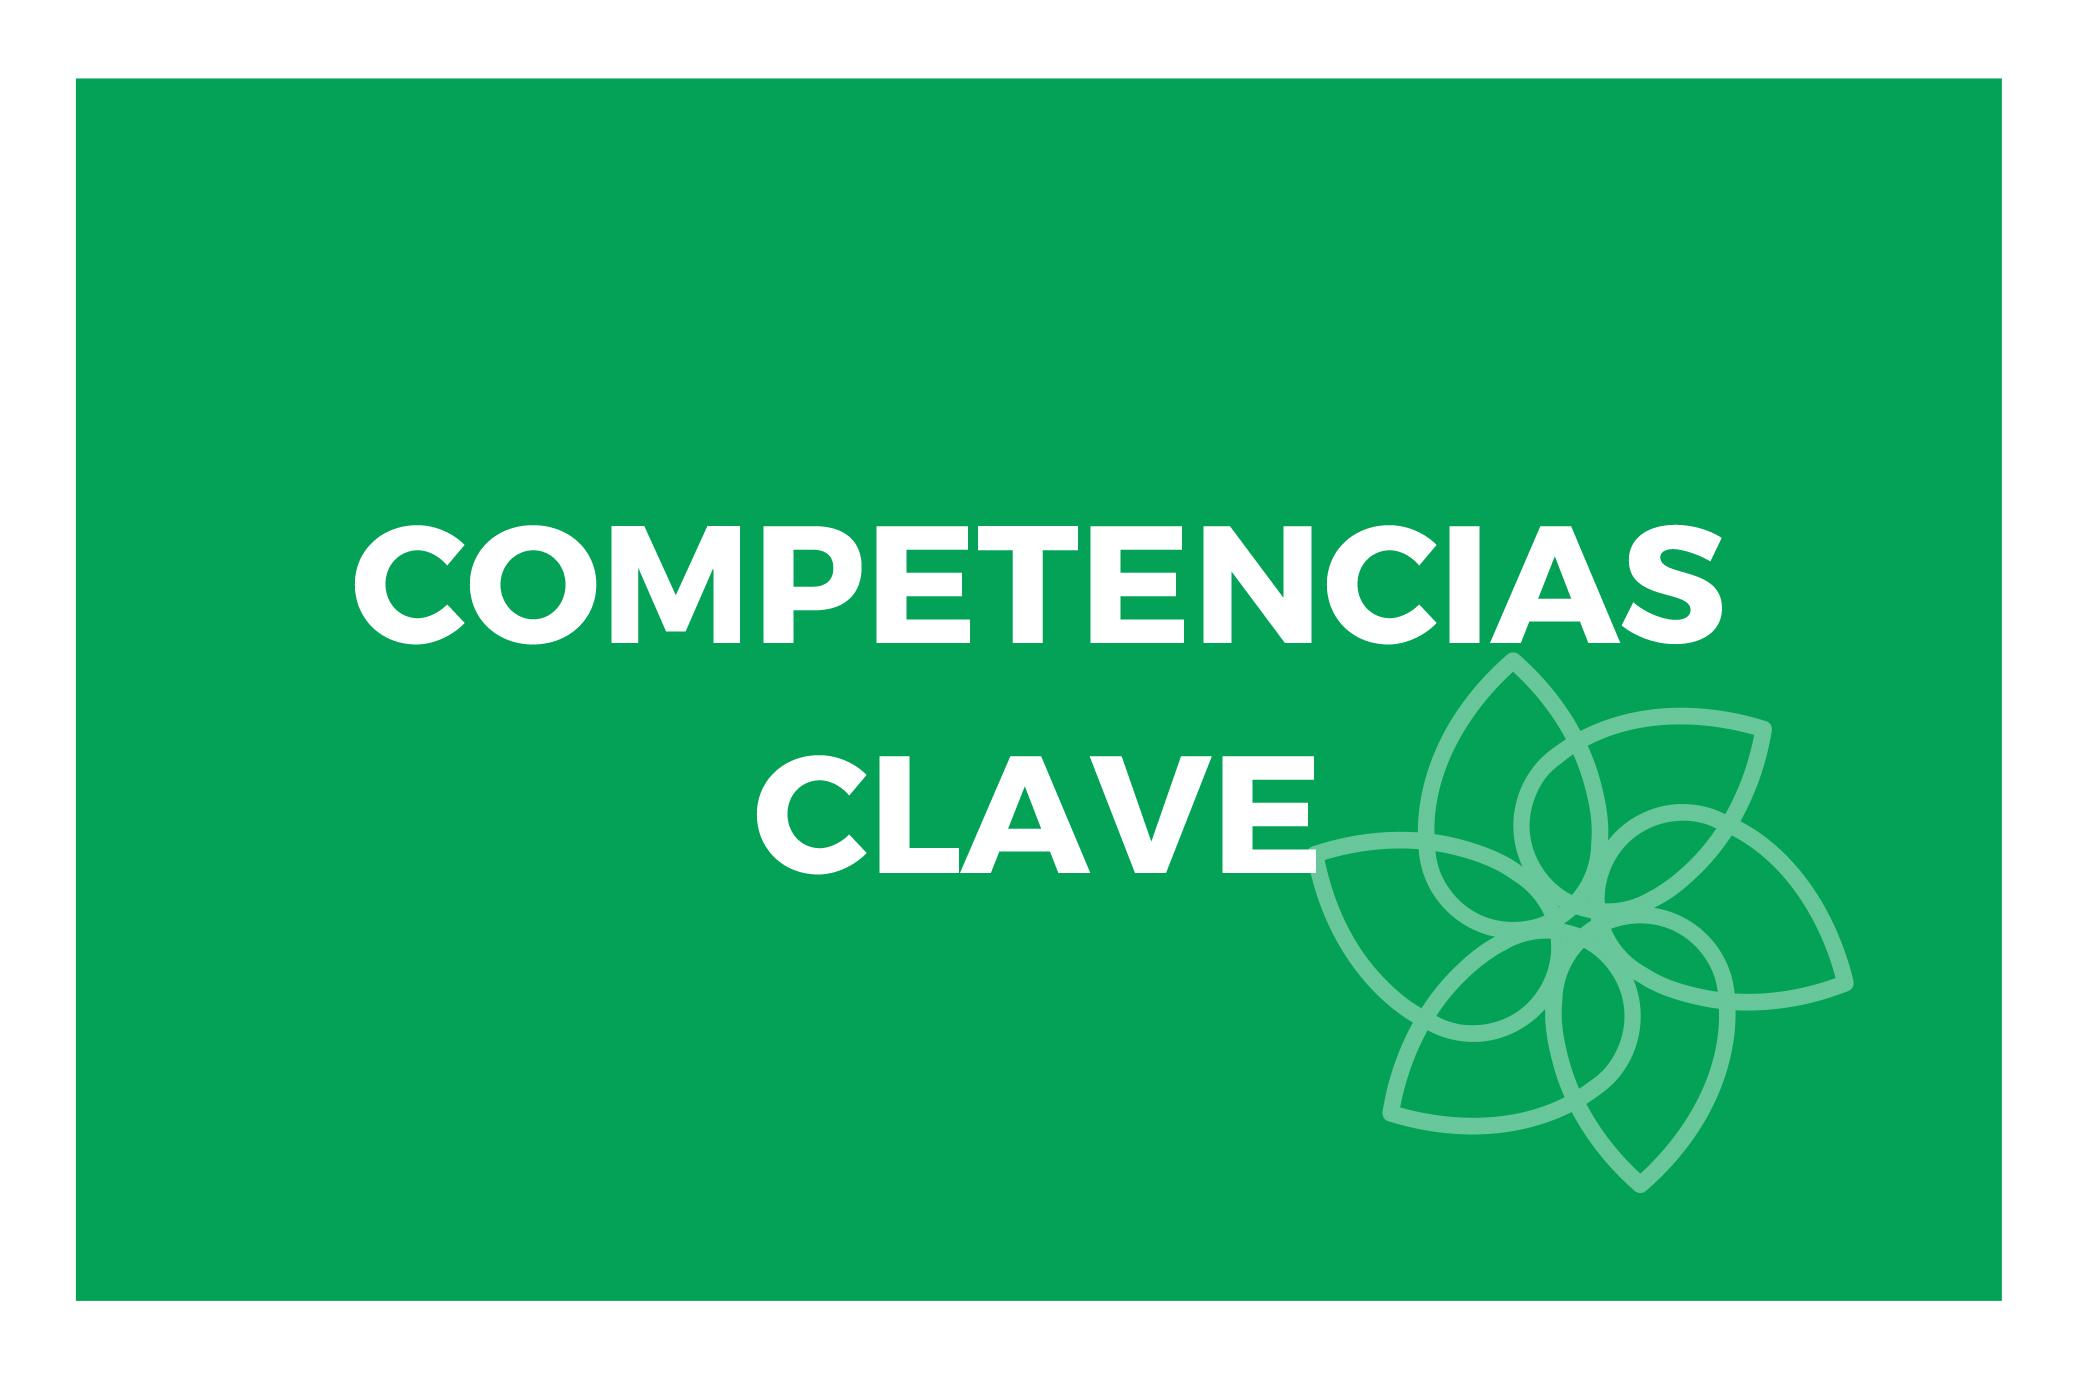 Competencias (competencias.jpg)